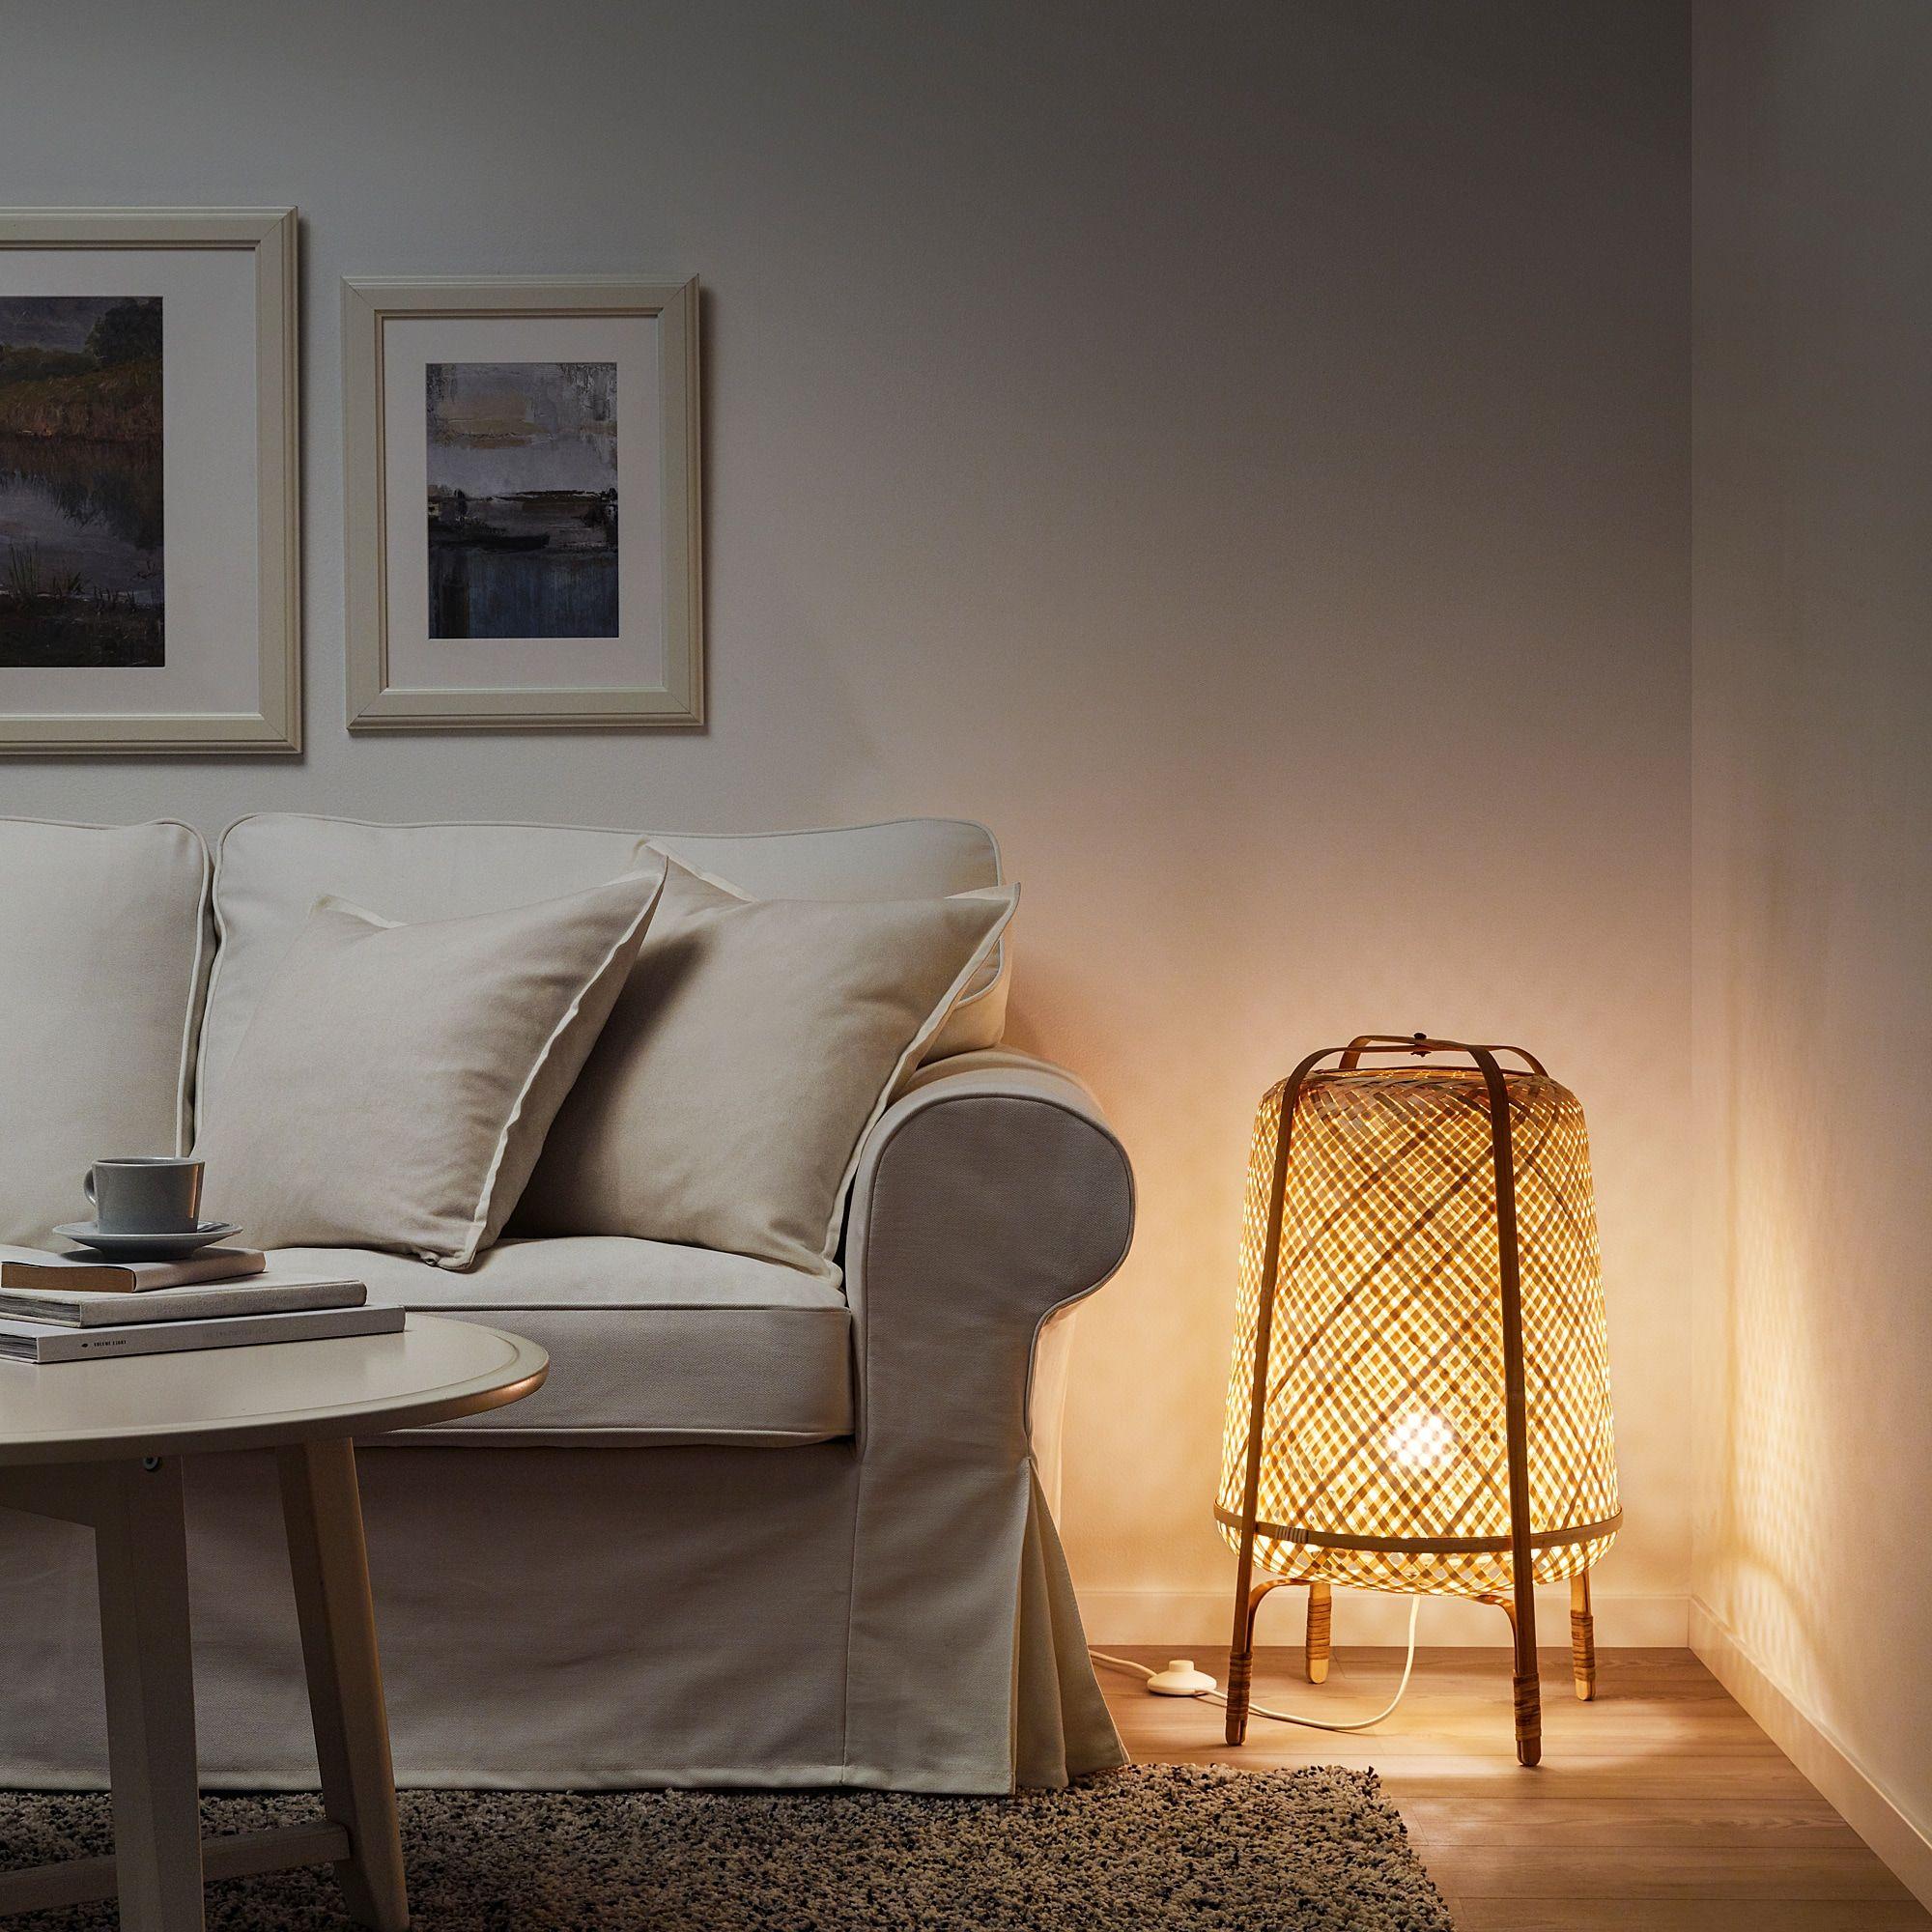 KNIXHULT bamboo, Floor lamp IKEA in 2020 | Bamboo floor